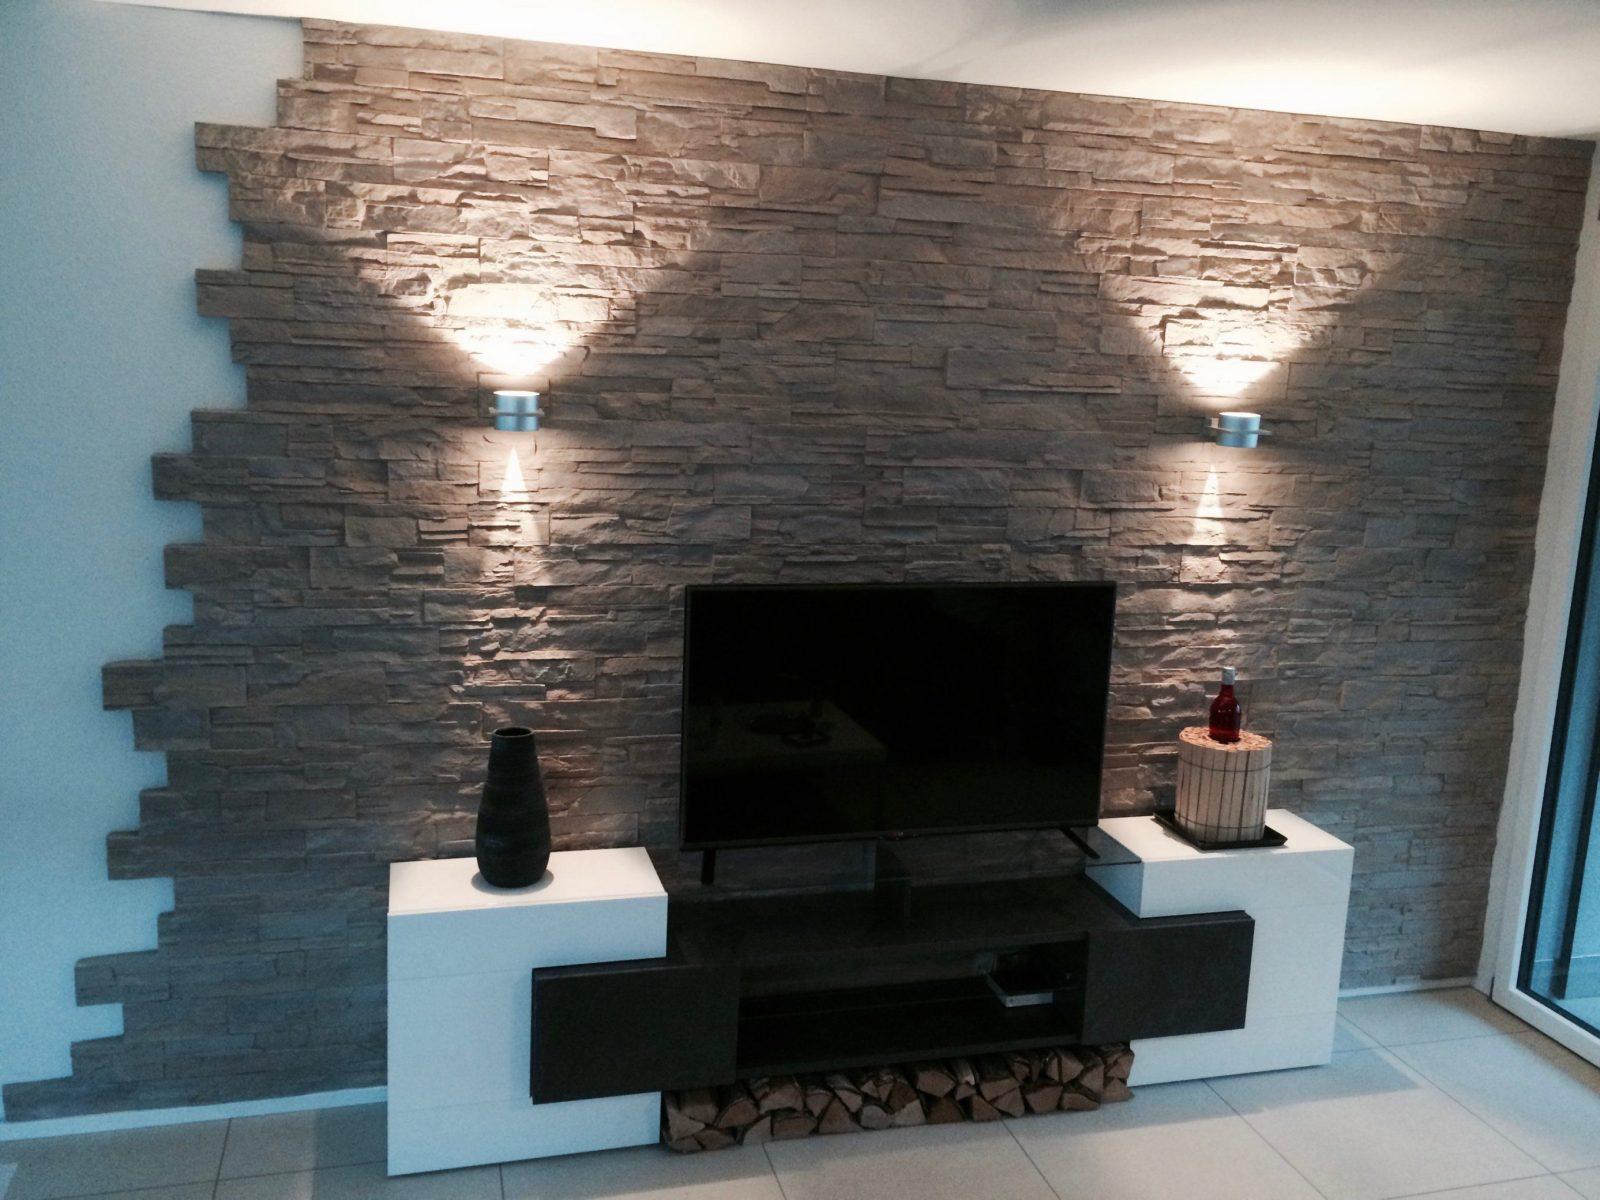 Wohnzimmer Renovieren Ideen Wohndesign Mit Zusätzlichen Schwarz von Wohnzimmer Renovieren Ideen Bilder Bild